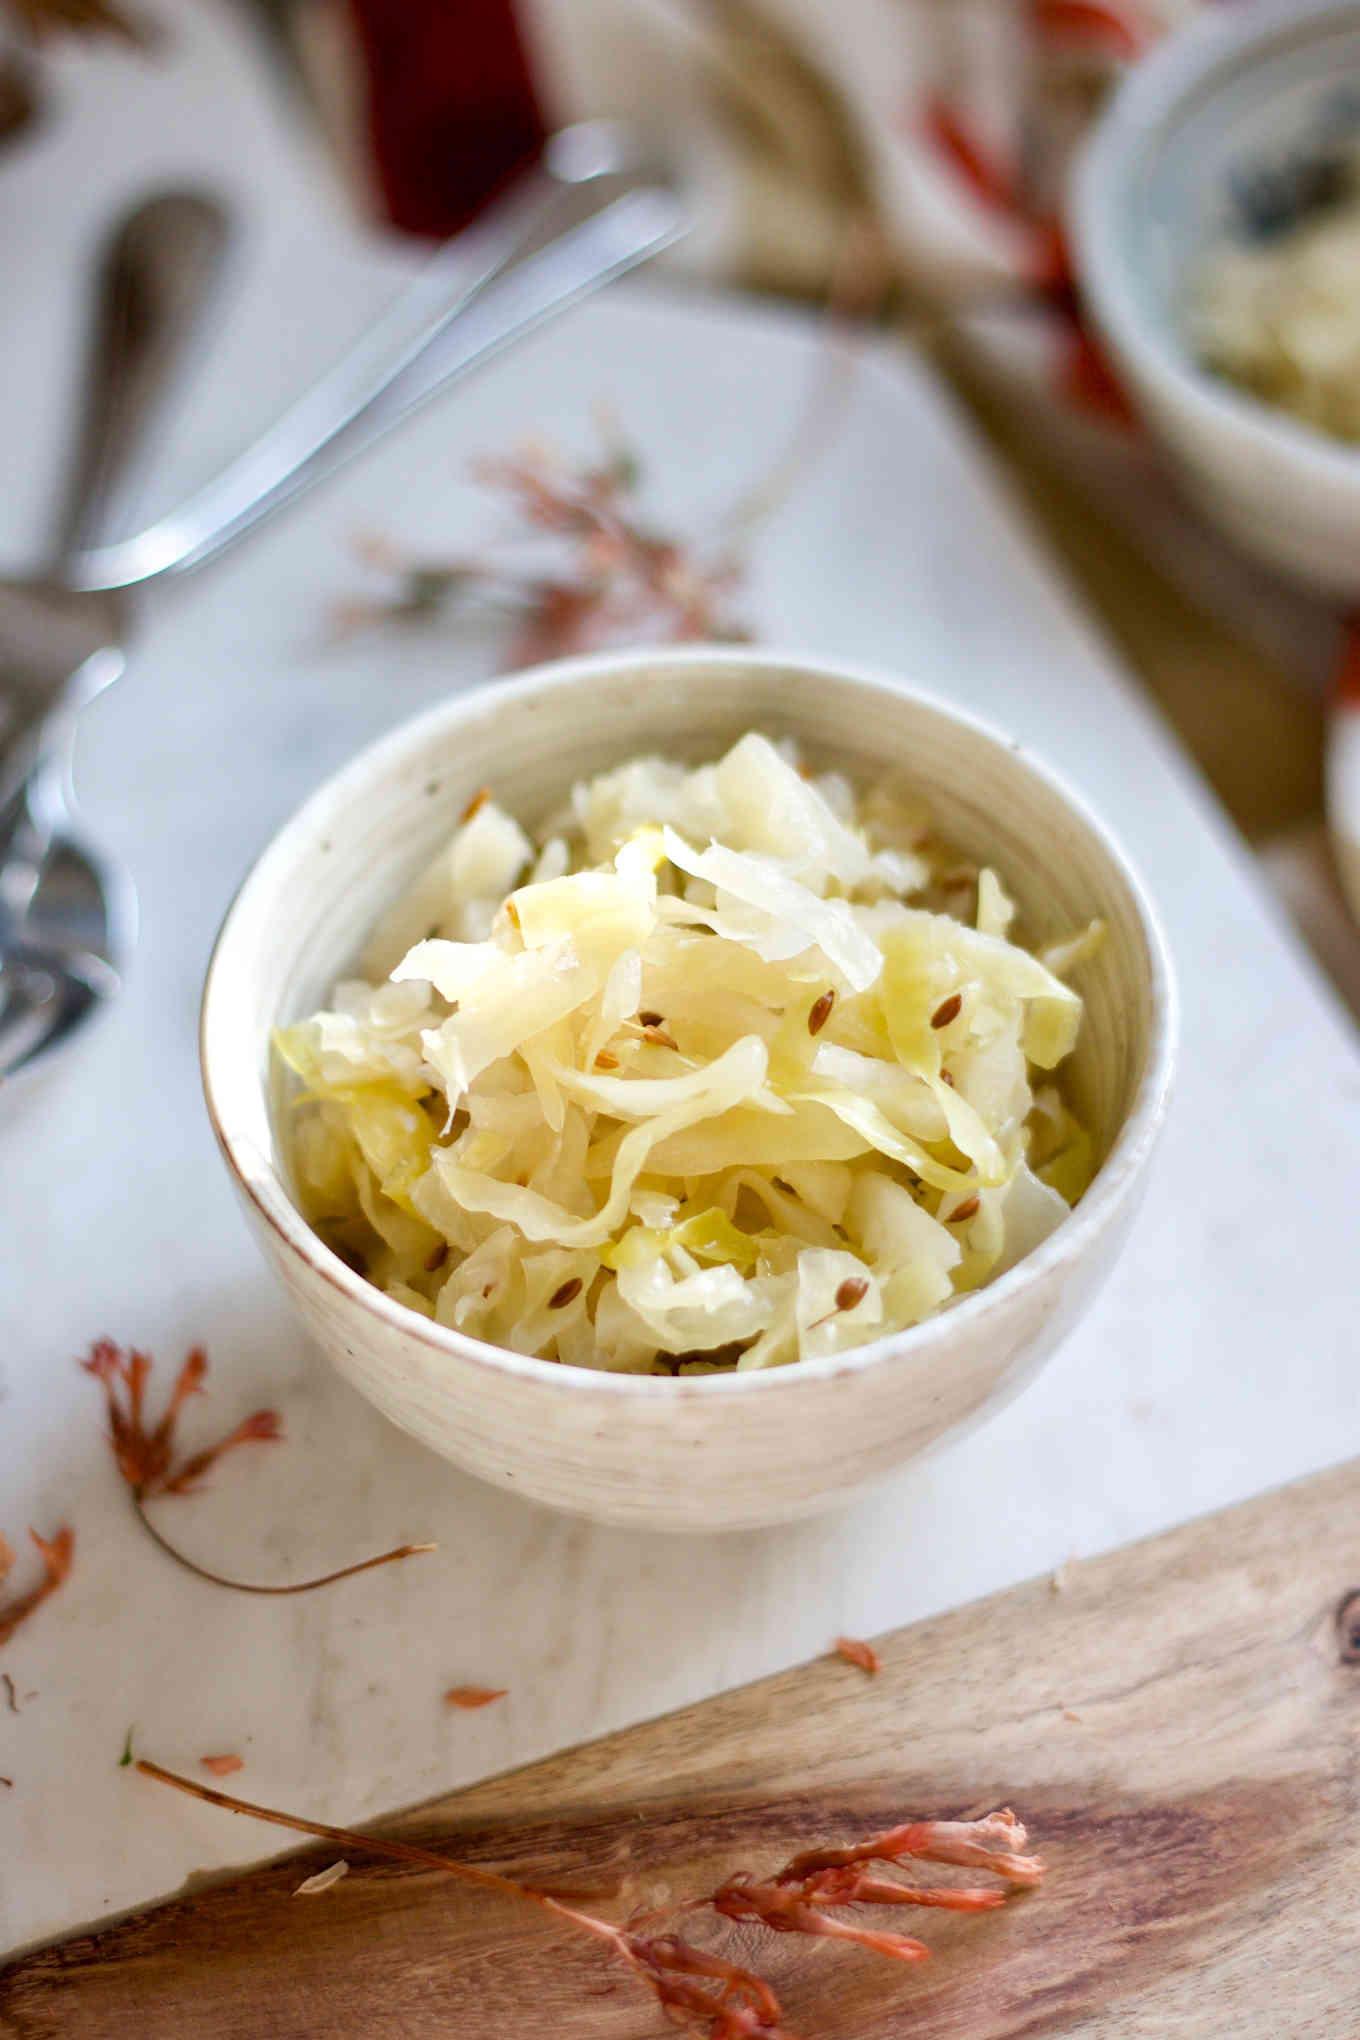 Homemade Fermented Sauerkraut W Caraway Seeds Yang S Nourishing Kitchen